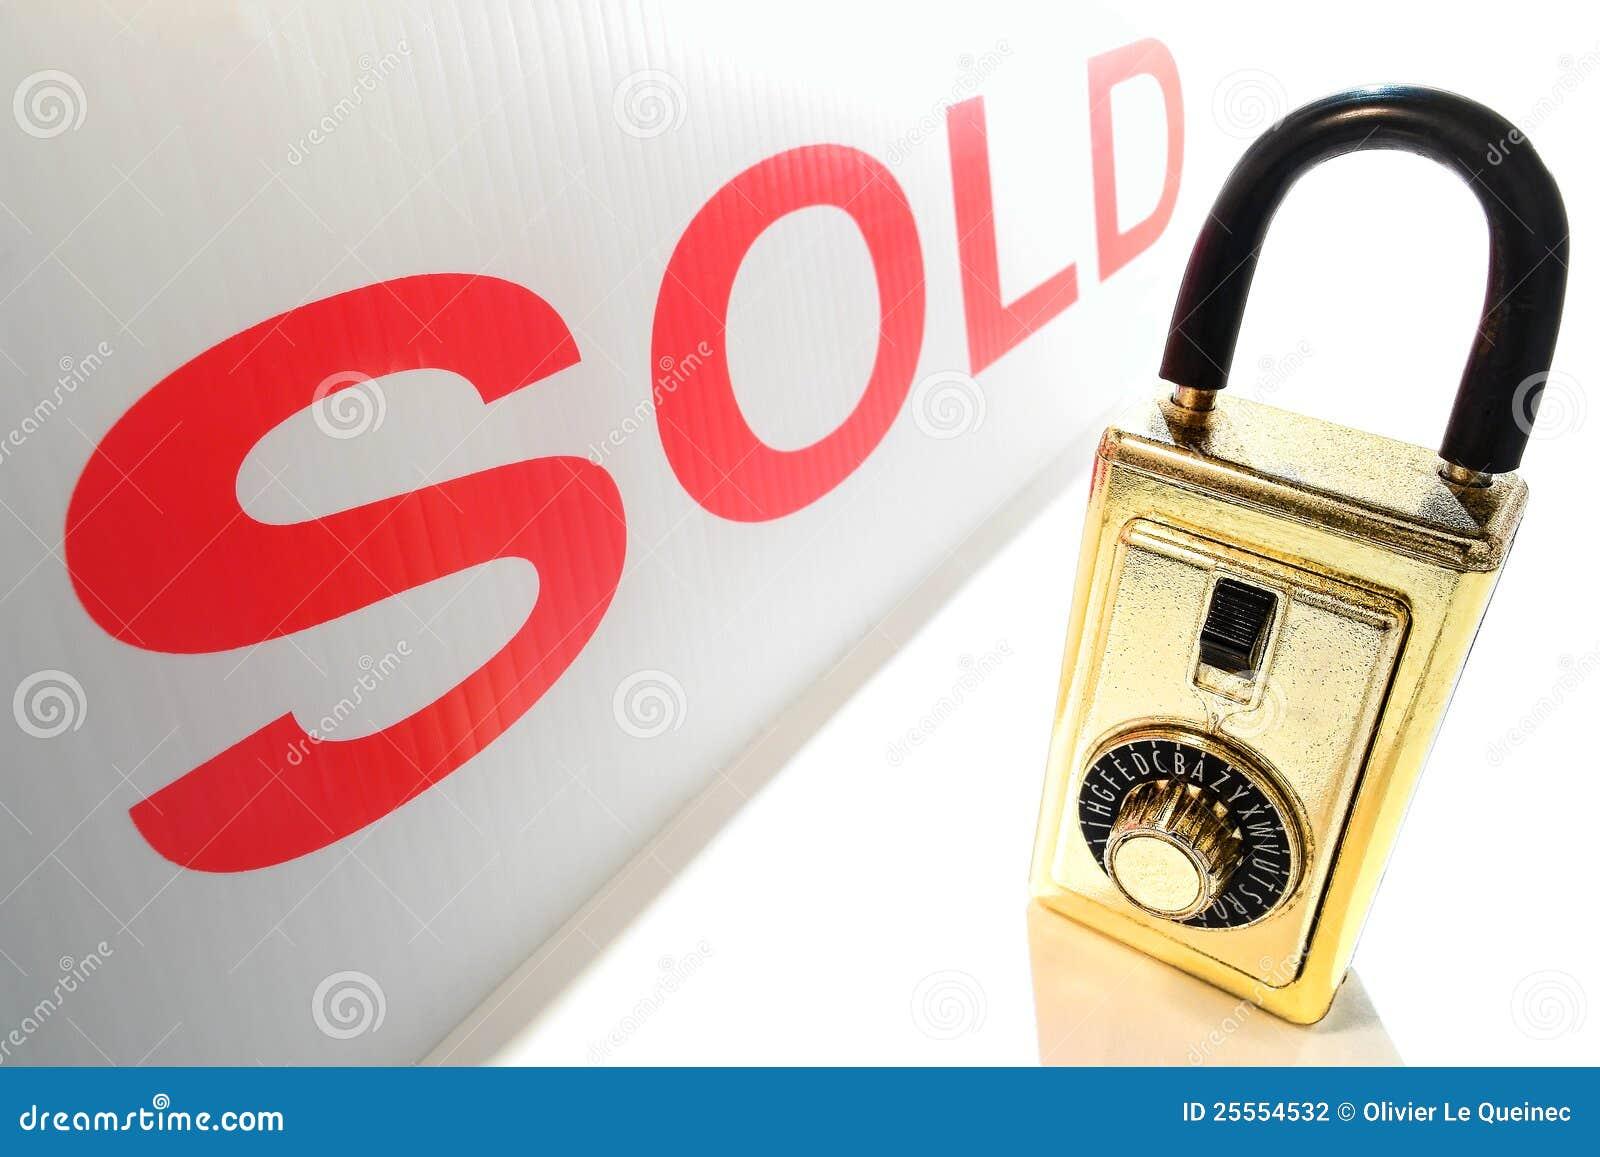 Rectángulo del bloqueo del clave del agente inmobiliario de las propiedades inmobiliarias y muestra vendida roja